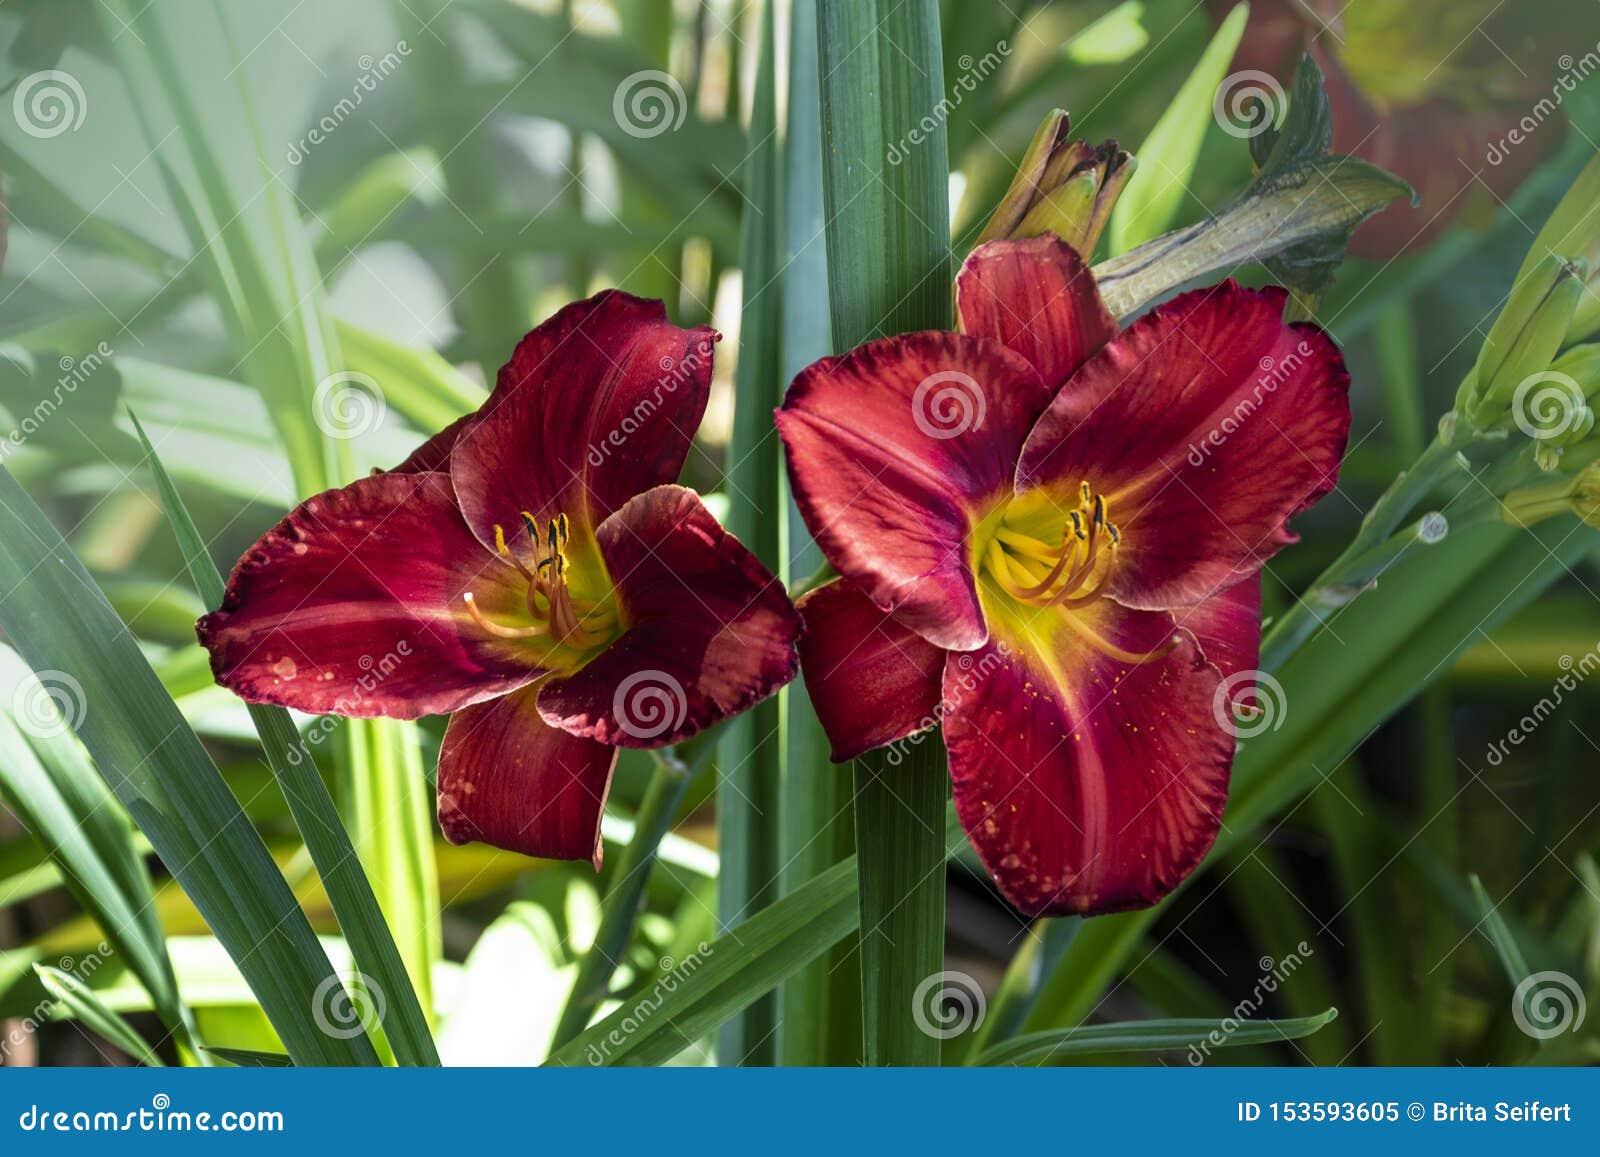 Le Roi de luxe Royale de bord de la route de Hemerocallis de Daylily de fleur dans le jardin Fleur comestible Les Daylilies sont